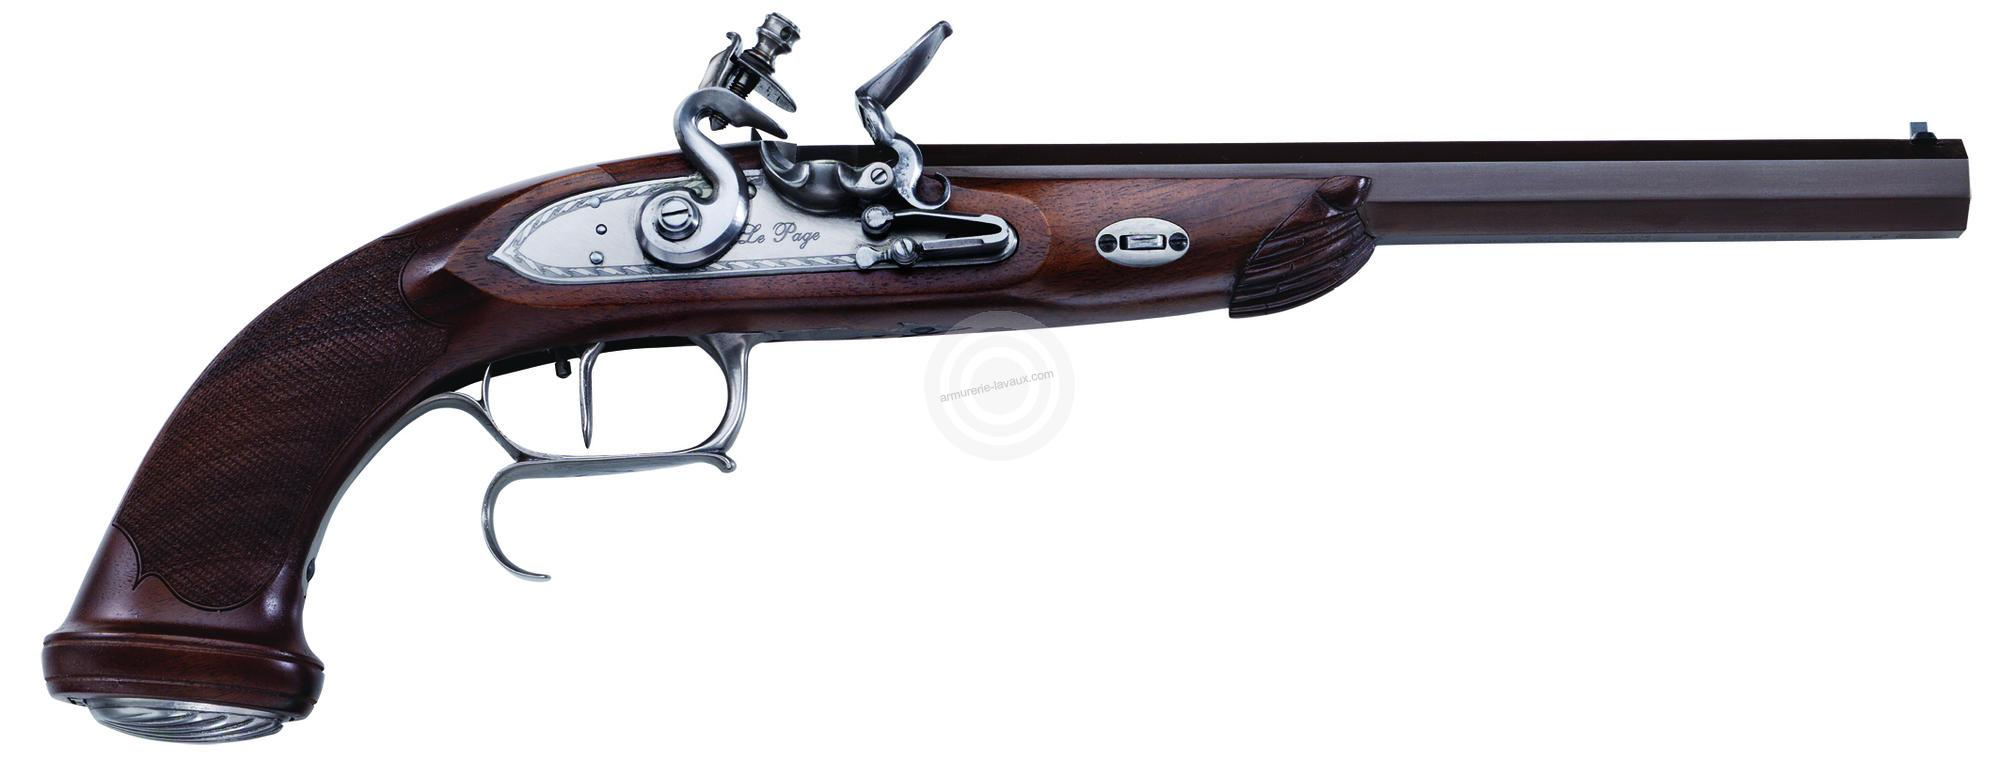 pistolet poudre noire pedersoli le page silex canon ray armes poudre noire sur. Black Bedroom Furniture Sets. Home Design Ideas